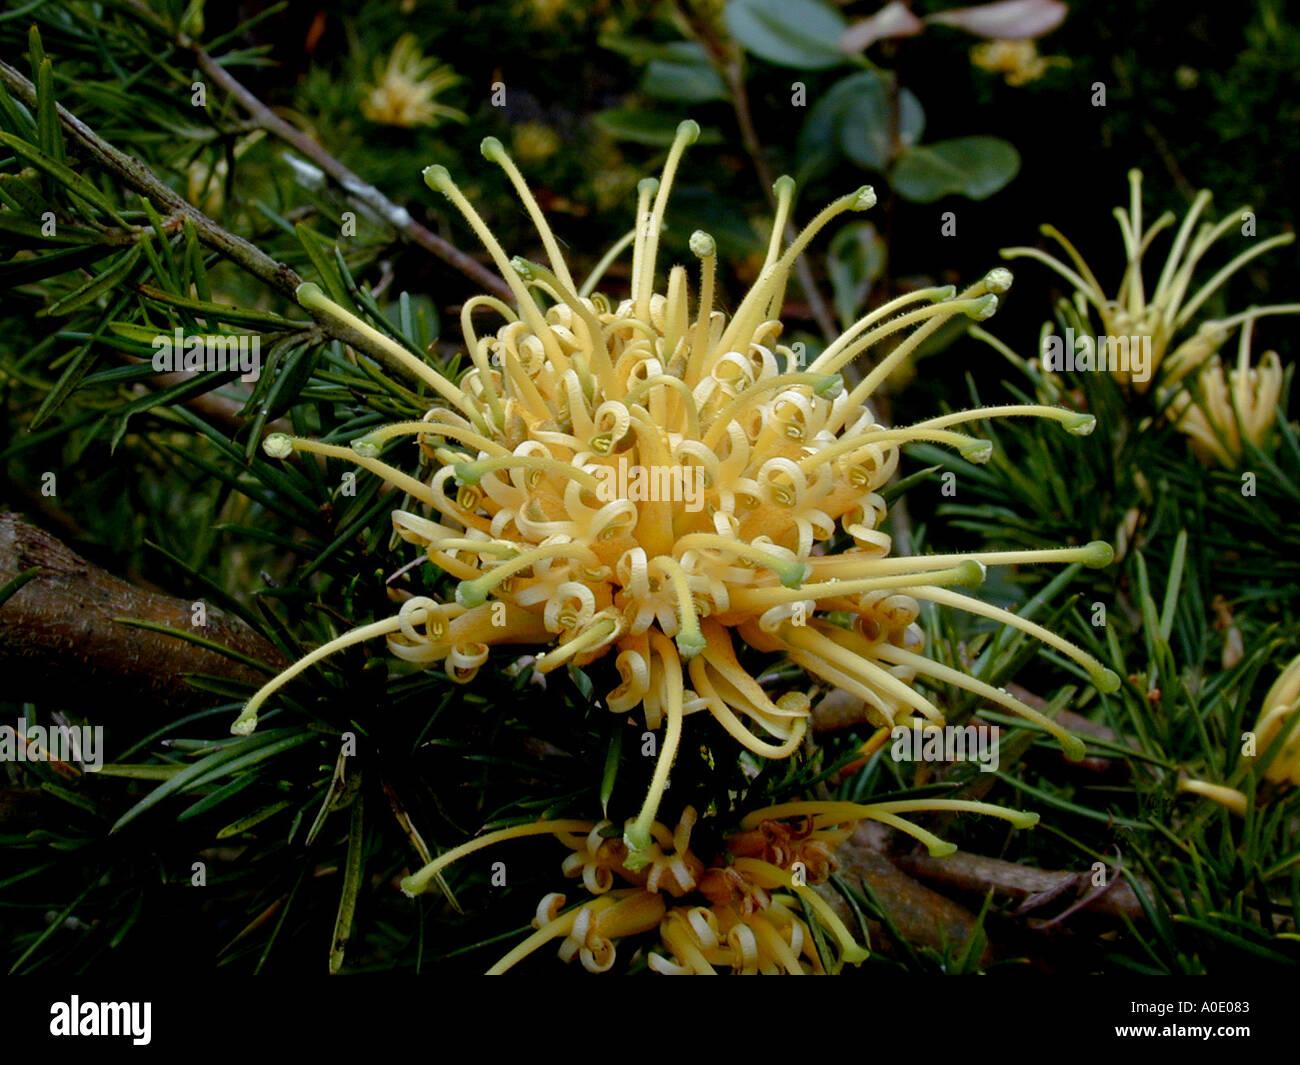 Grevillea Garden Stock Photos Grevillea Garden Stock Images Page